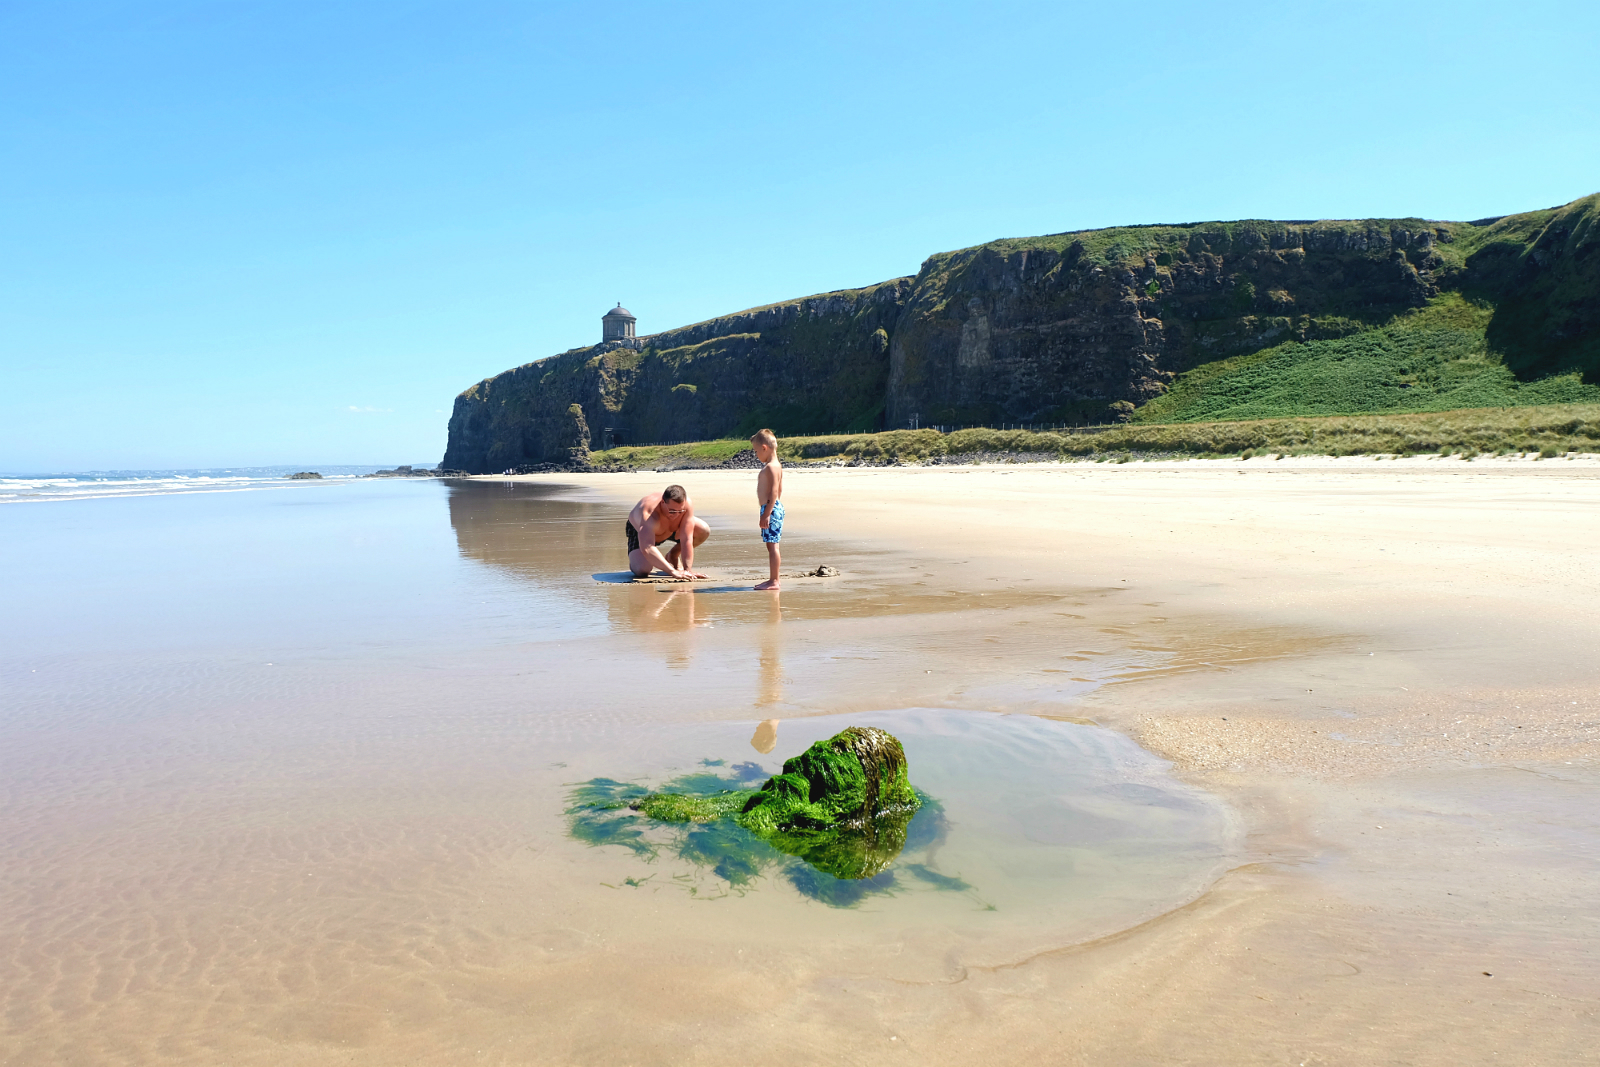 Downhill Beach najpiękniejsza plaża Irlandii Północnej